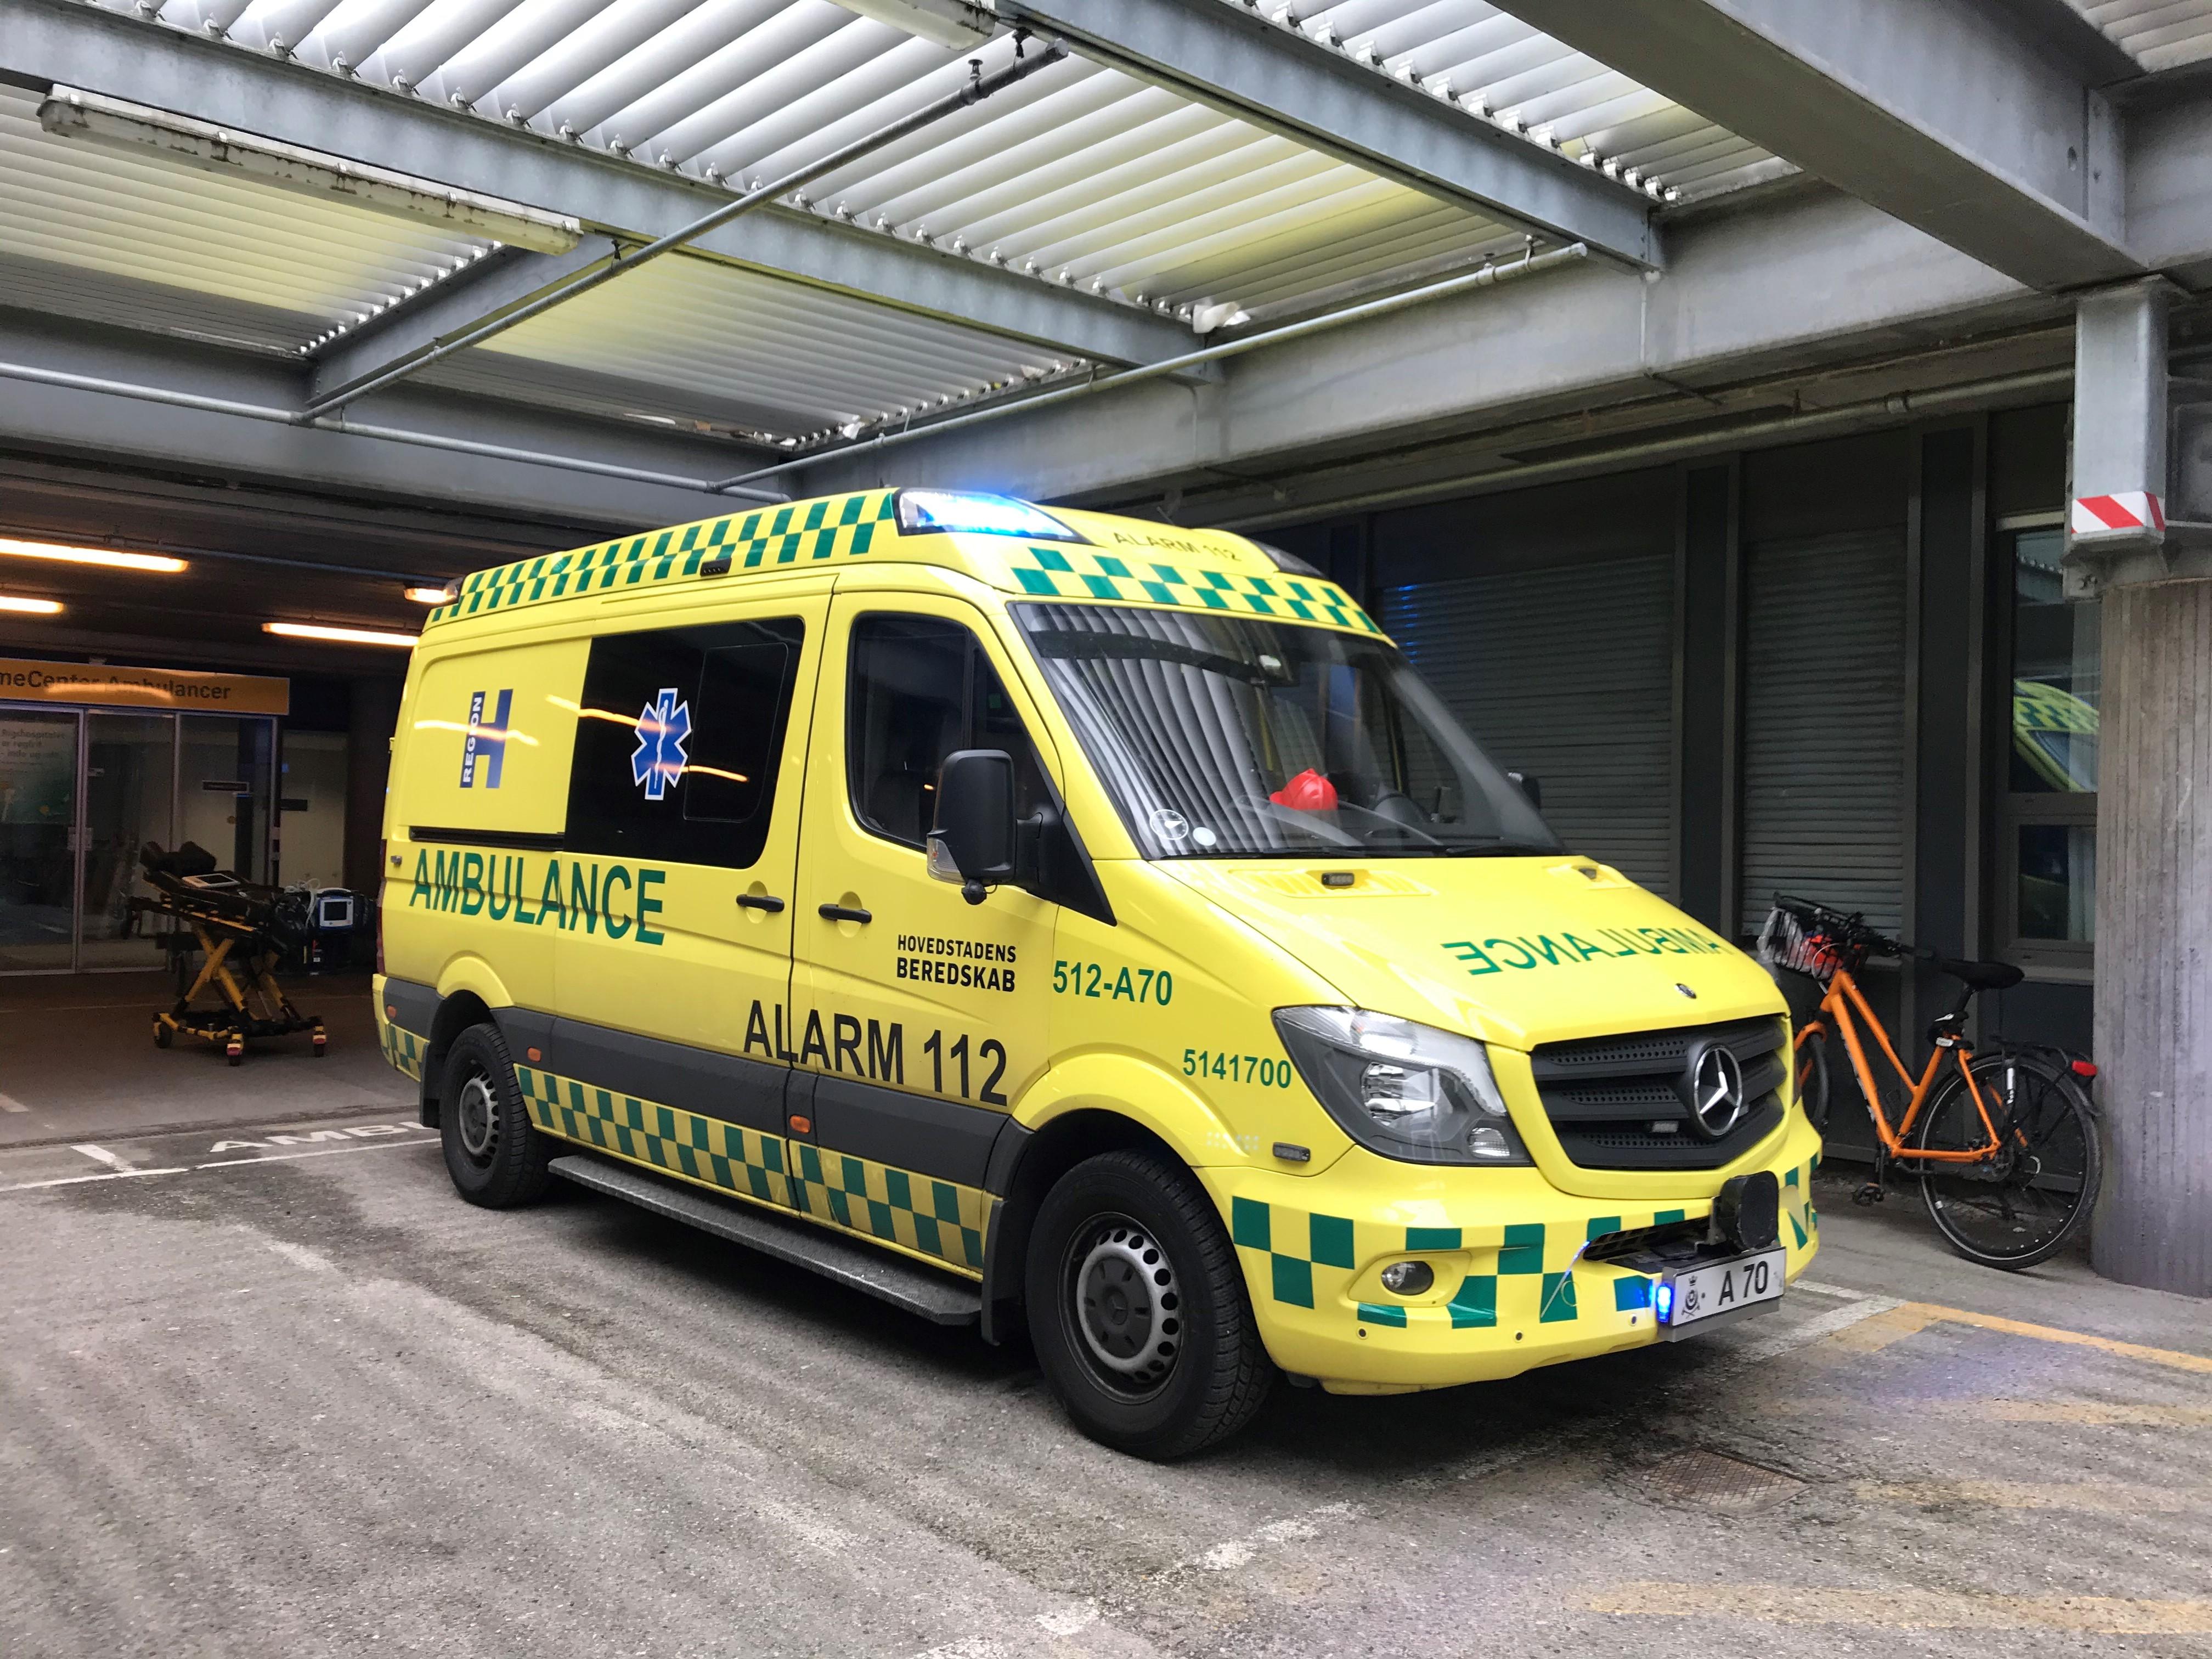 Kenneth Kejlberg ankommer til Rigshospitalet med ambulance.